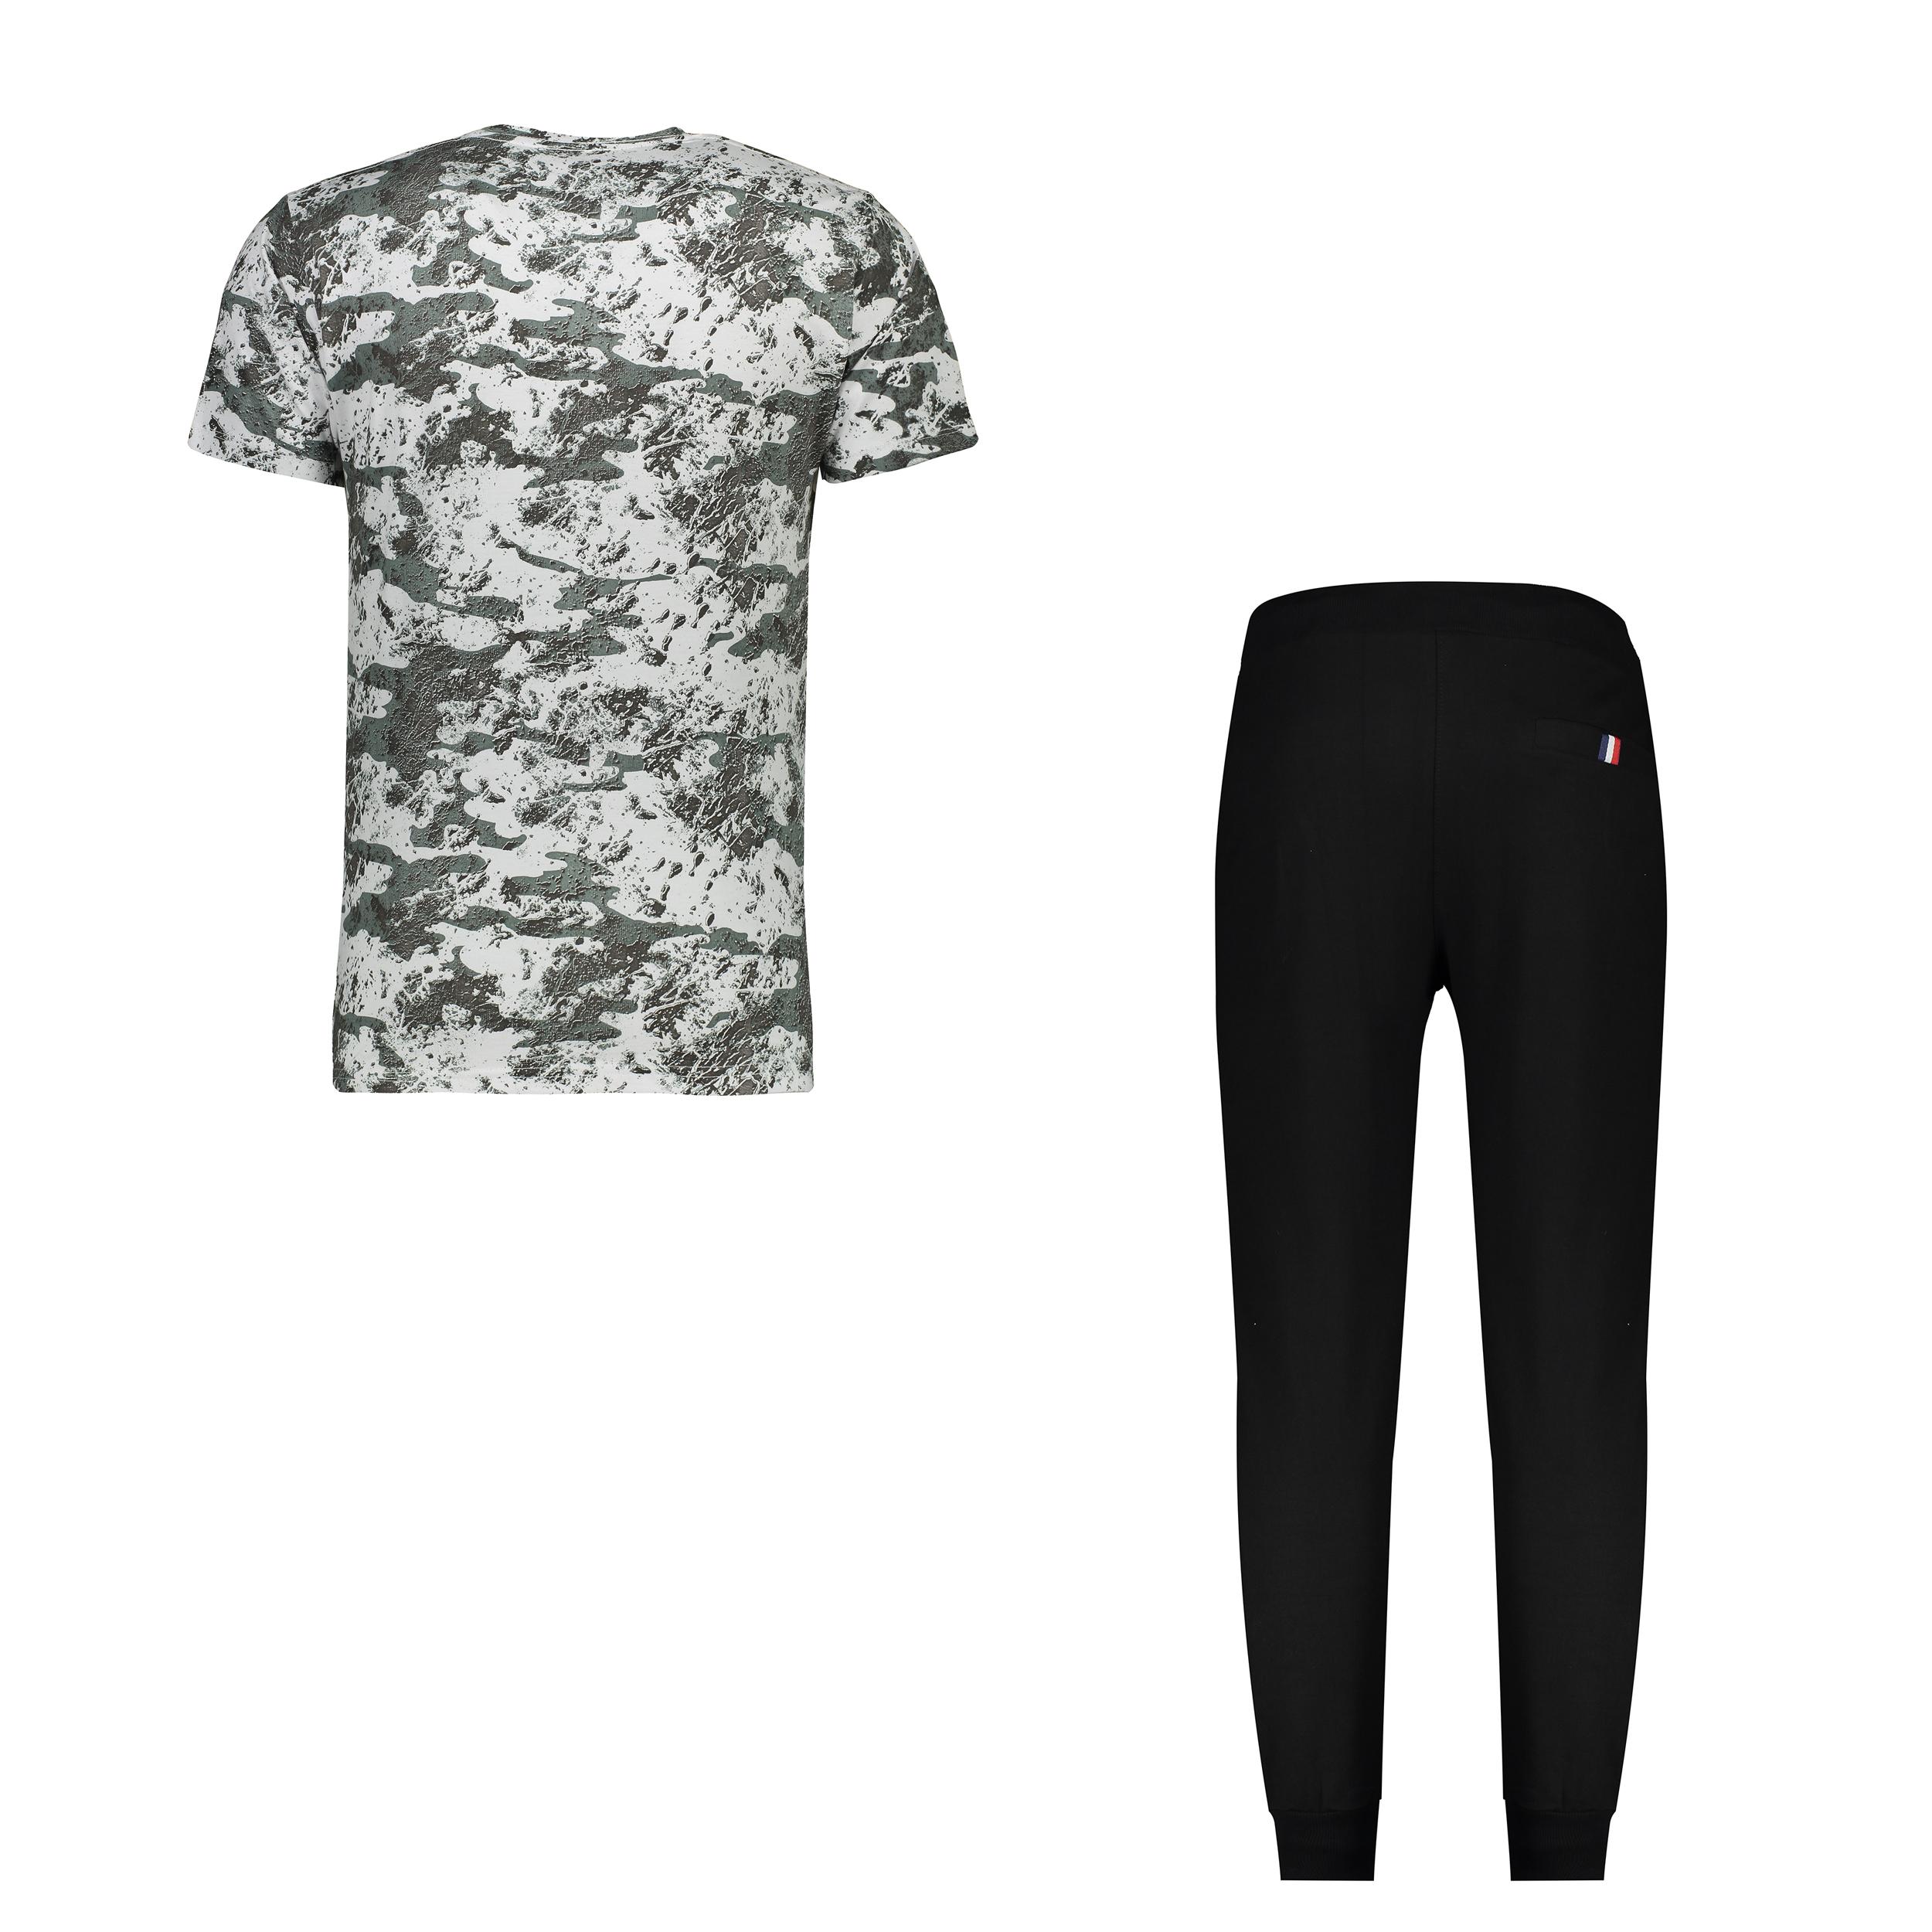 ست تی شرت و شلوار مردانه کد 111213-2